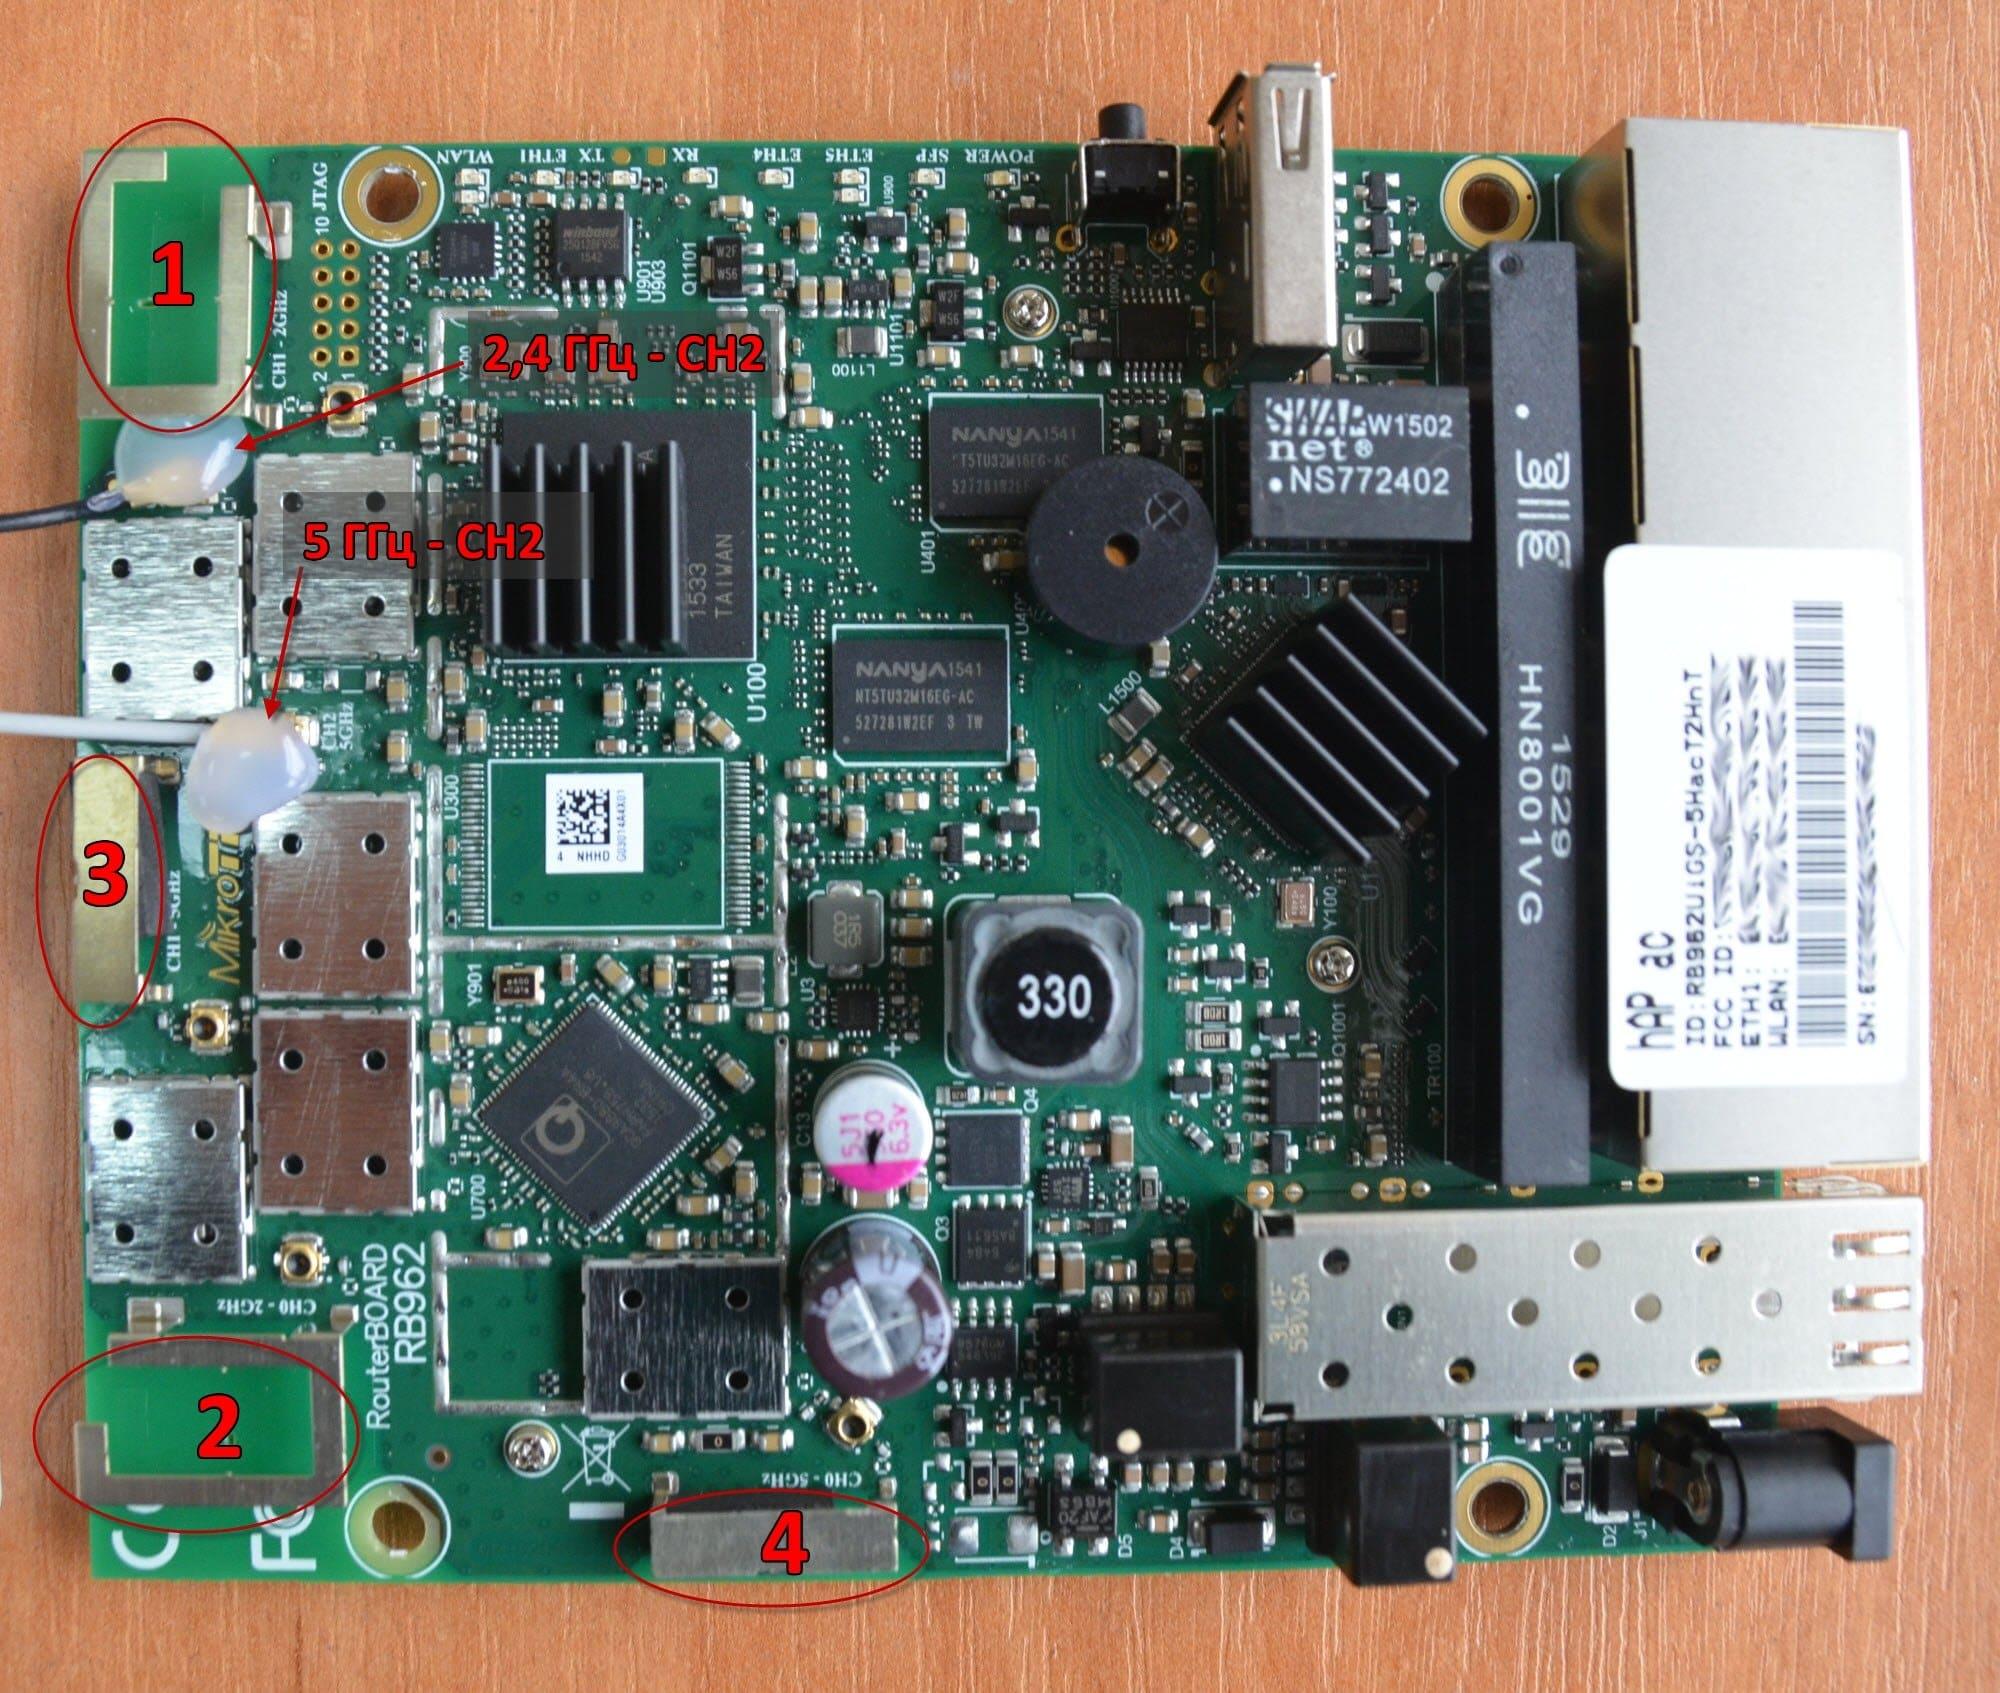 TÉLÉCHARGER PILOTE CARTE FAST ETHERNET PCI 900 SIS